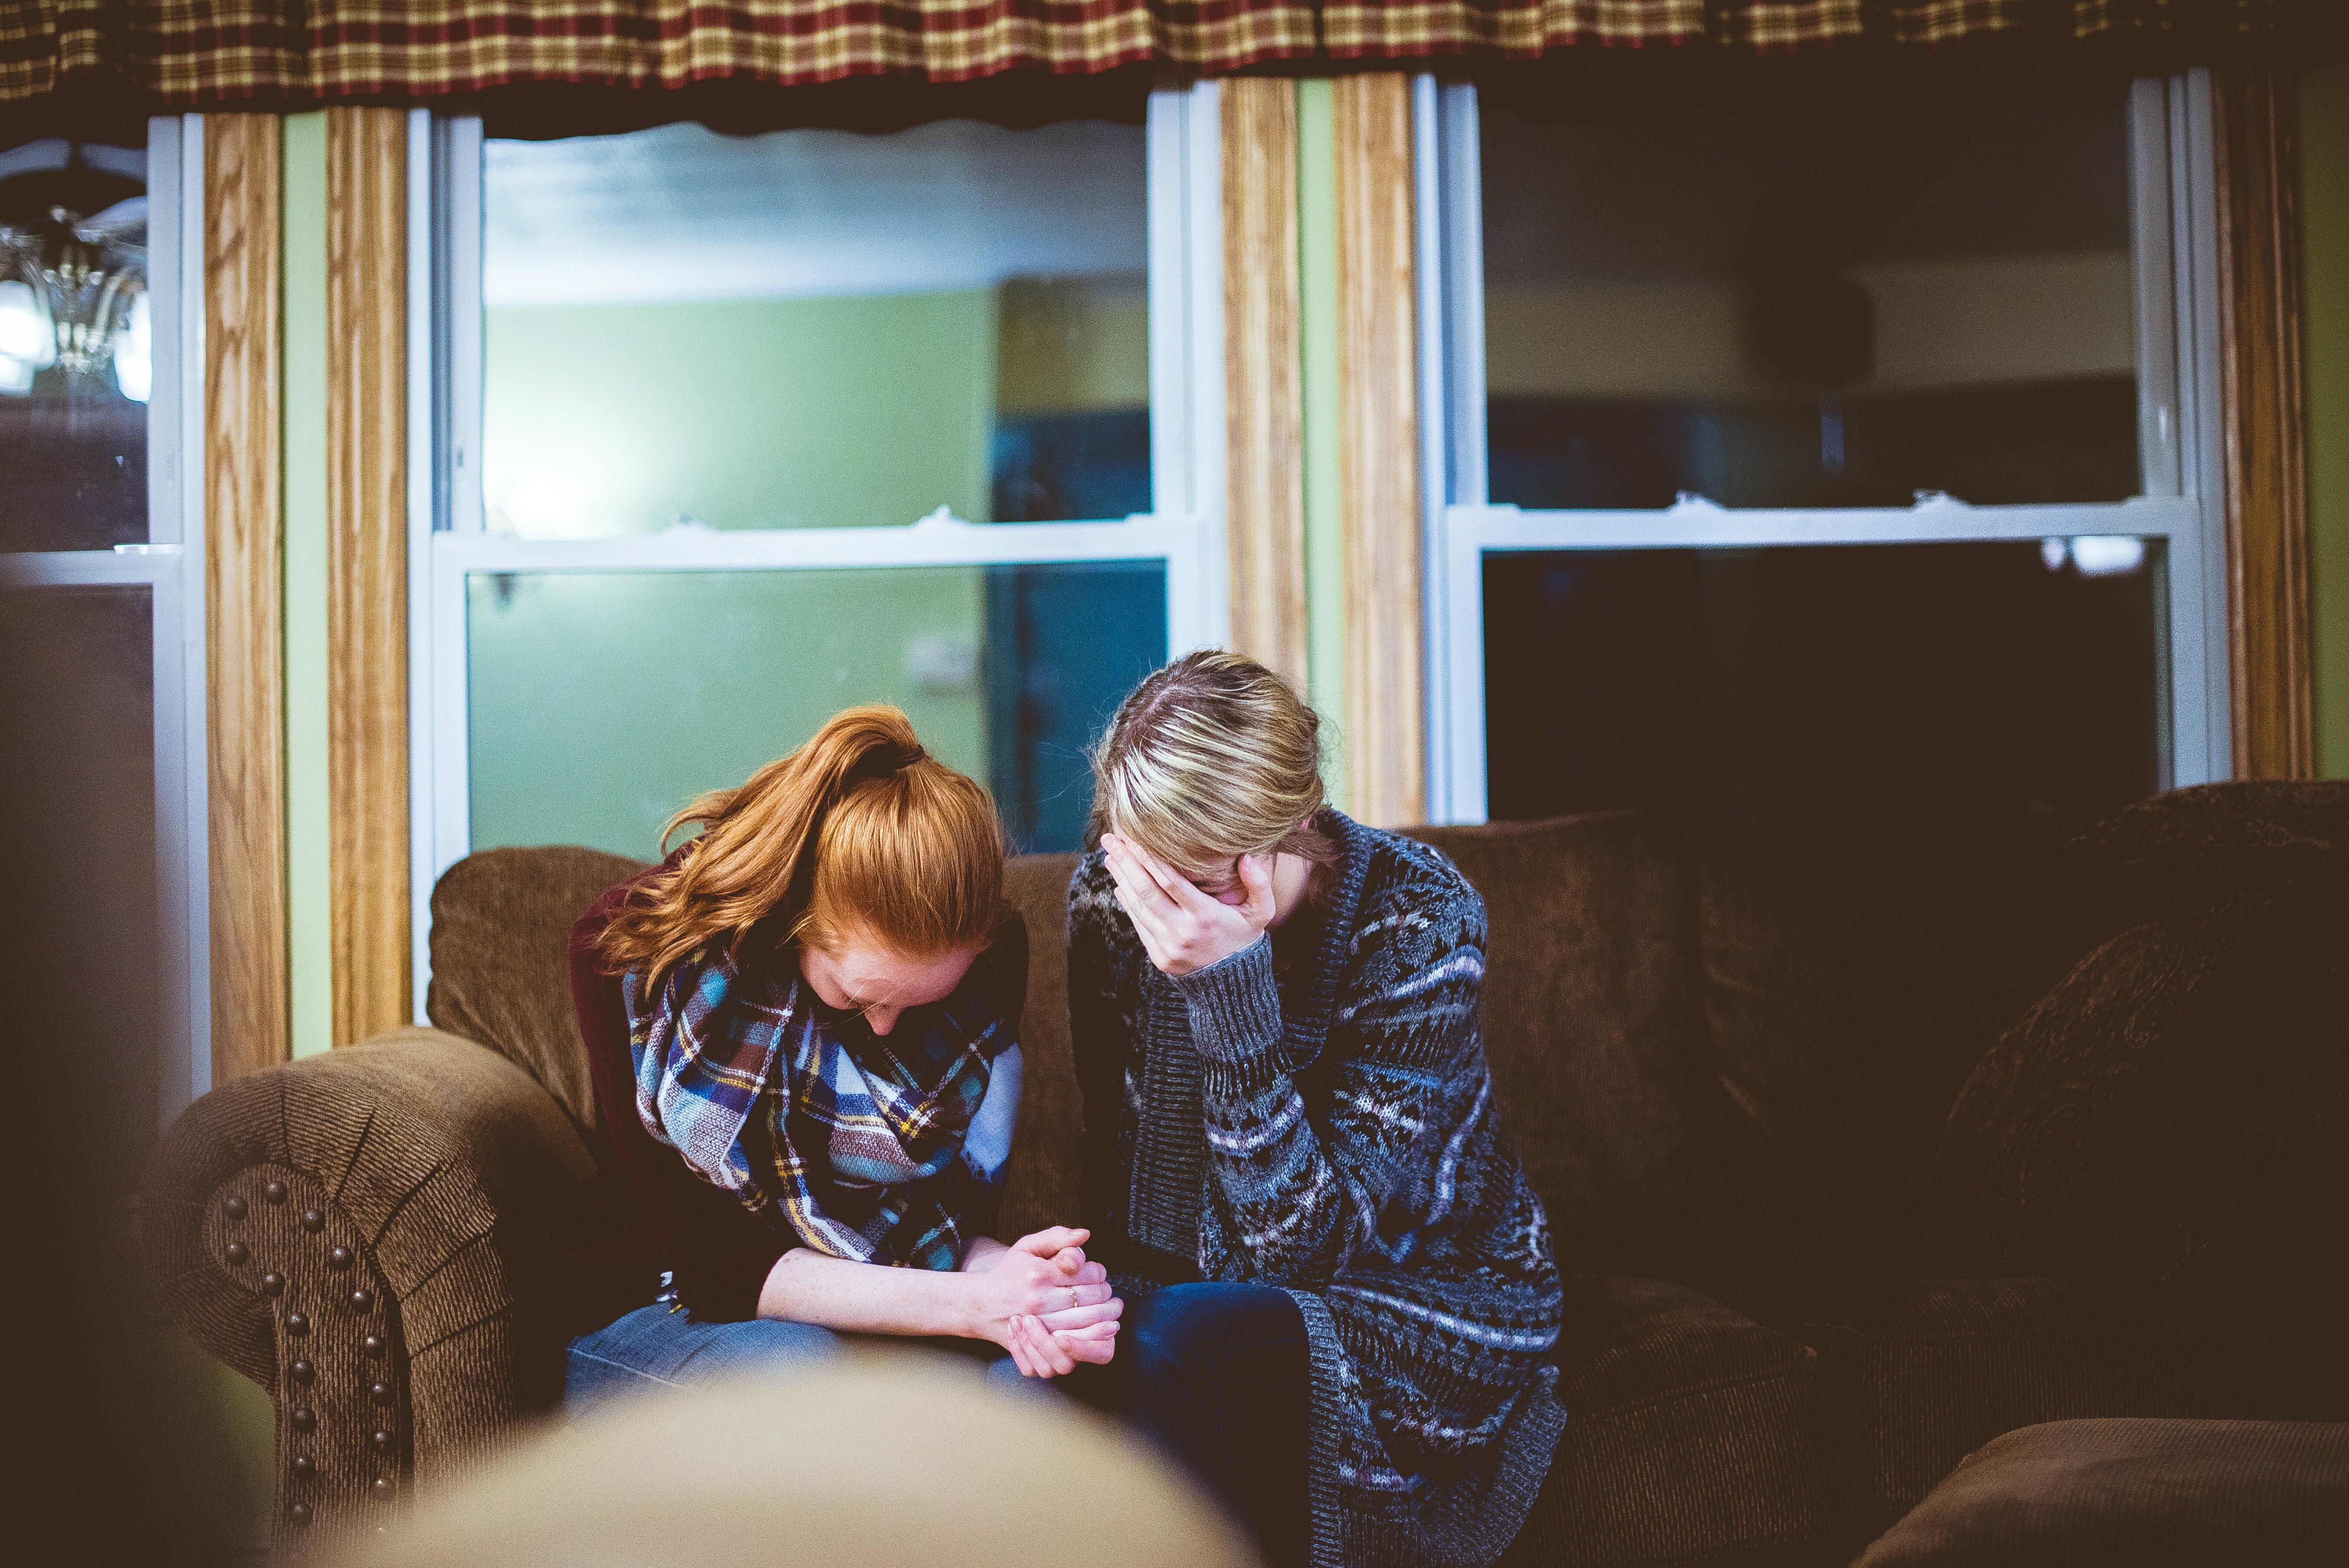 Member's Ministry: Pray (1 John 5:14-15)